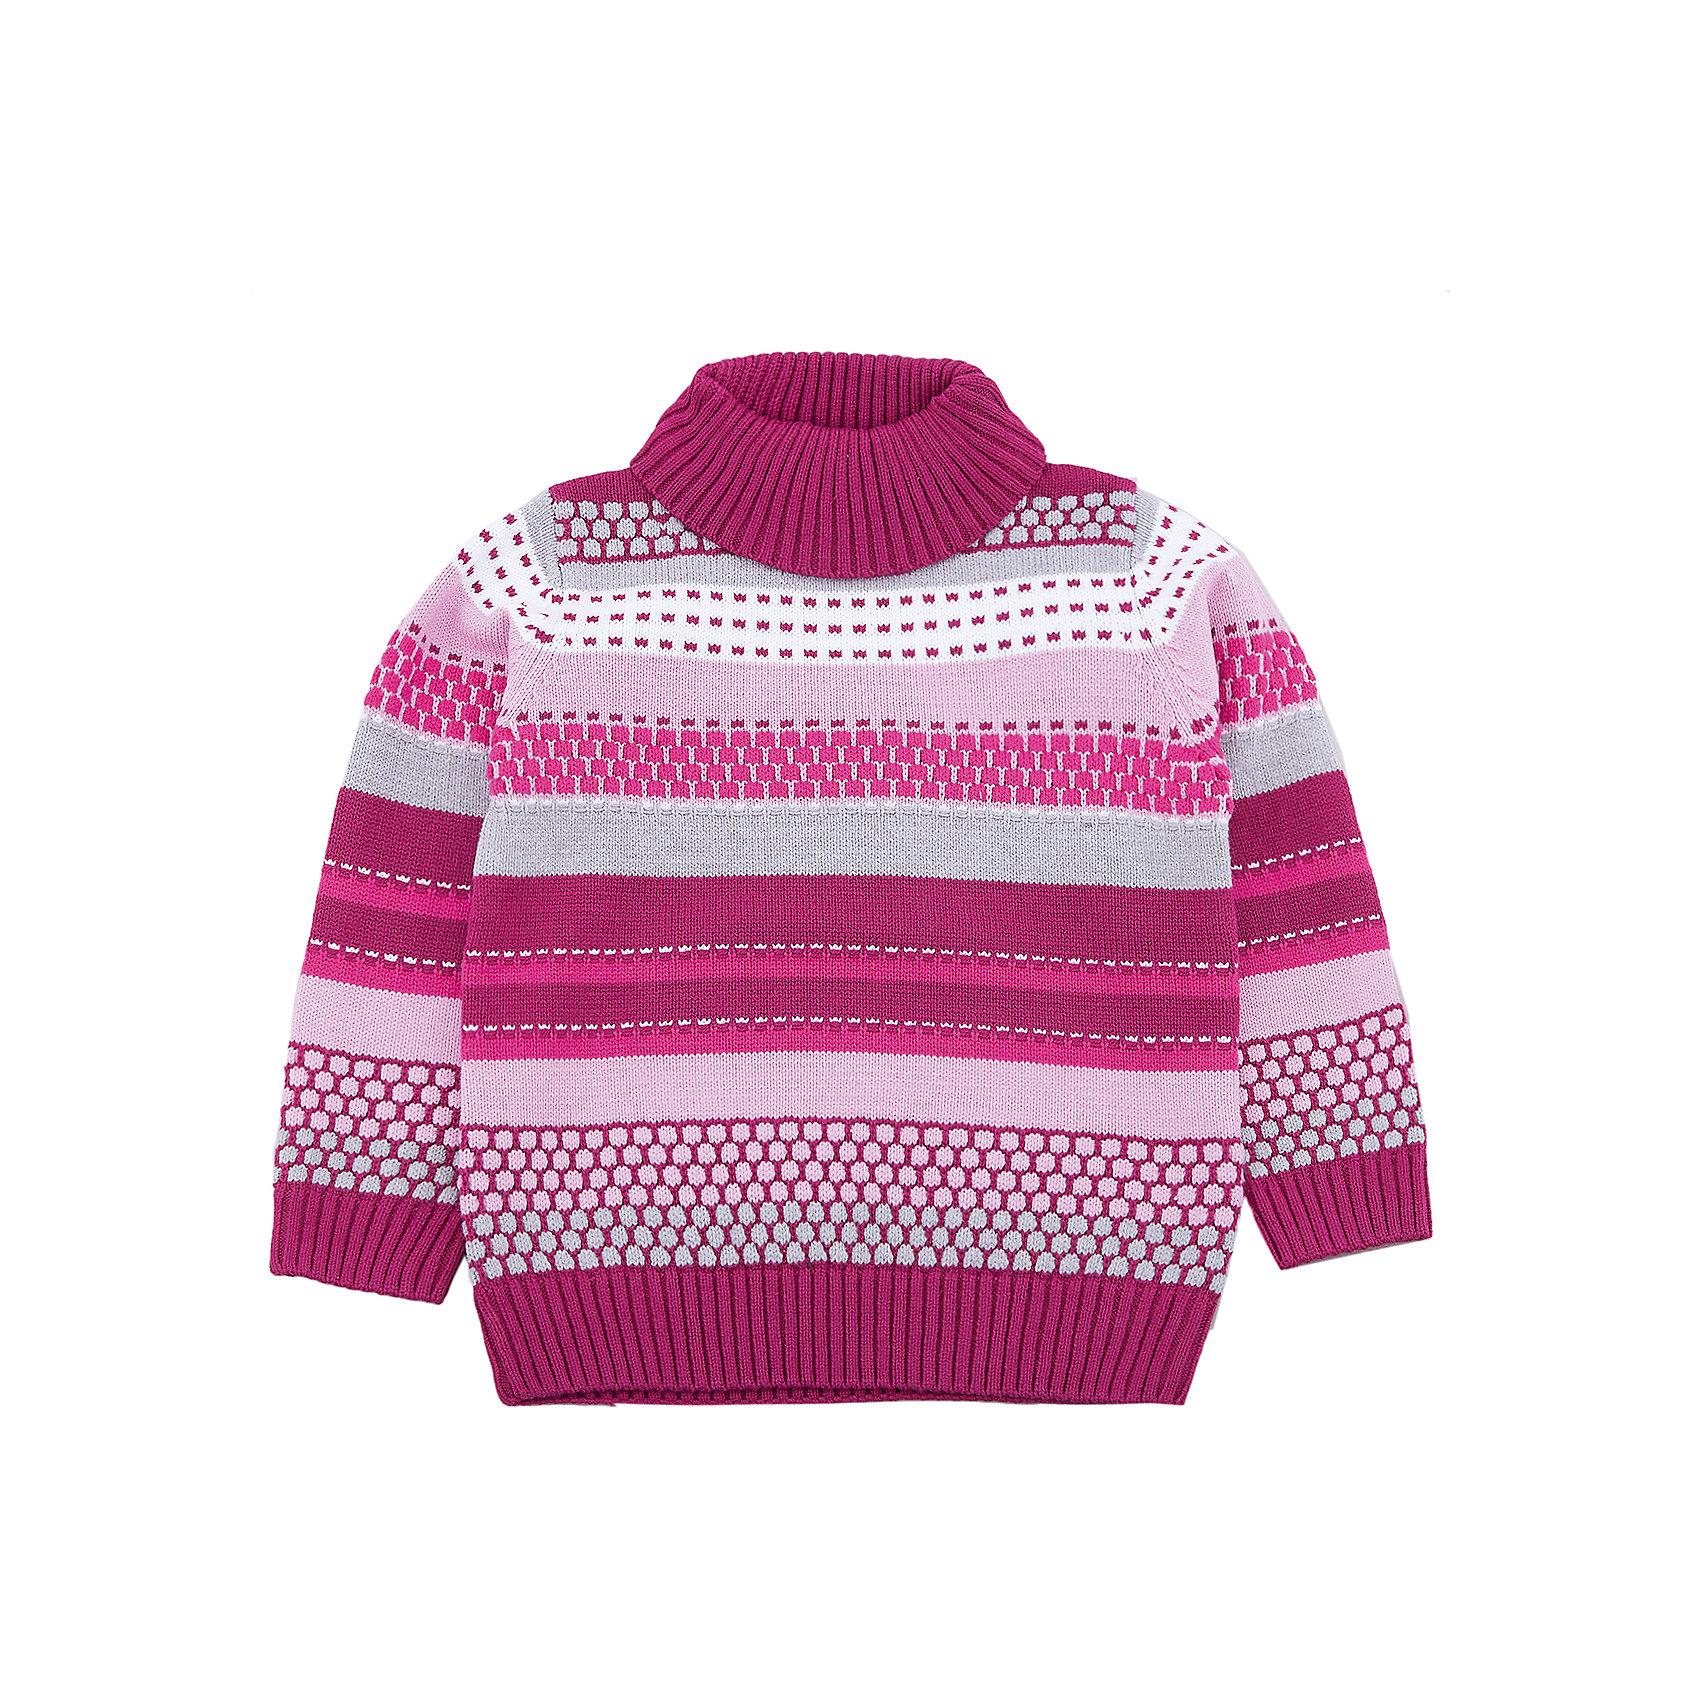 Свитер PlayToday для девочкиСвитера и кардиганы<br>Свитер PlayToday для девочки<br>Вязаный свитер. Модель выполнена по технологии yarn dyed -  в процессе производства используются разного цвета нити. При правильном уходе изделие не линяет и надолго остается в первоначальном виде. Горловина, манжеты и низ изделия на мягких трикотажных резинках. Свободный крой не сковывает движений ребенка.<br>Состав:<br>60% хлопок, 40% акрил<br><br>Ширина мм: 190<br>Глубина мм: 74<br>Высота мм: 229<br>Вес г: 236<br>Цвет: белый<br>Возраст от месяцев: 84<br>Возраст до месяцев: 96<br>Пол: Женский<br>Возраст: Детский<br>Размер: 128,98,104,110,116,122<br>SKU: 7110987